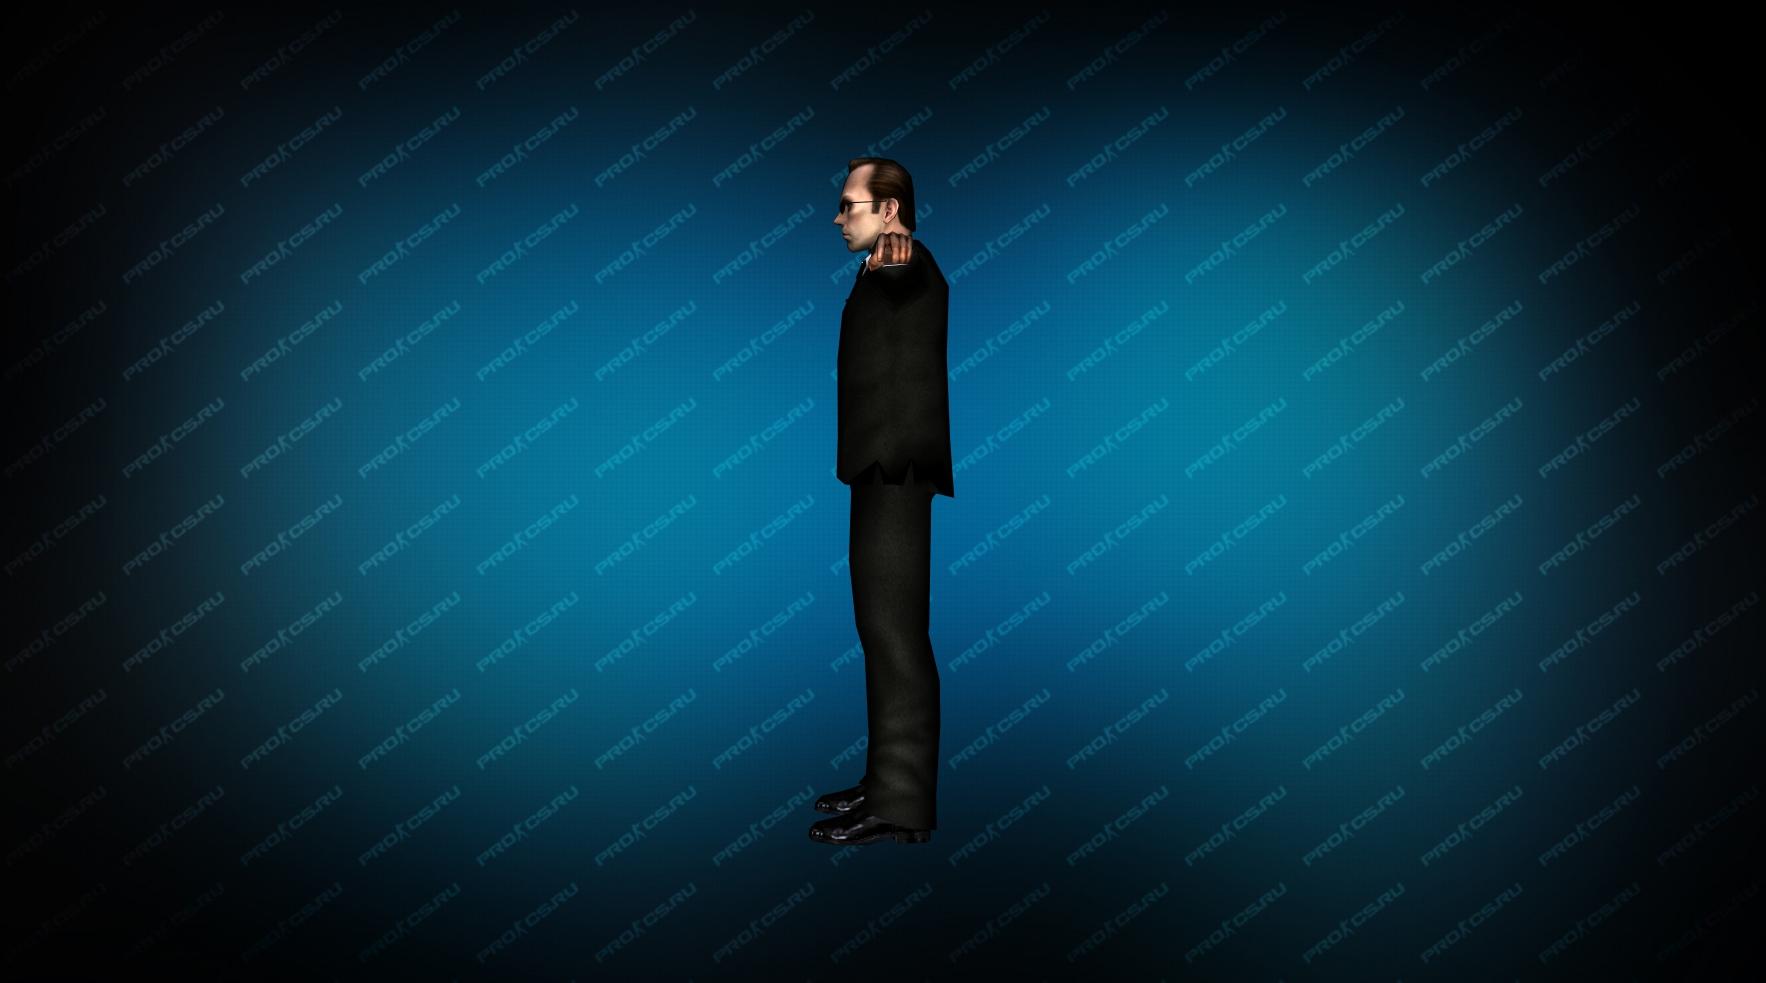 Модель игрока «Агент Смит» вид сбоку